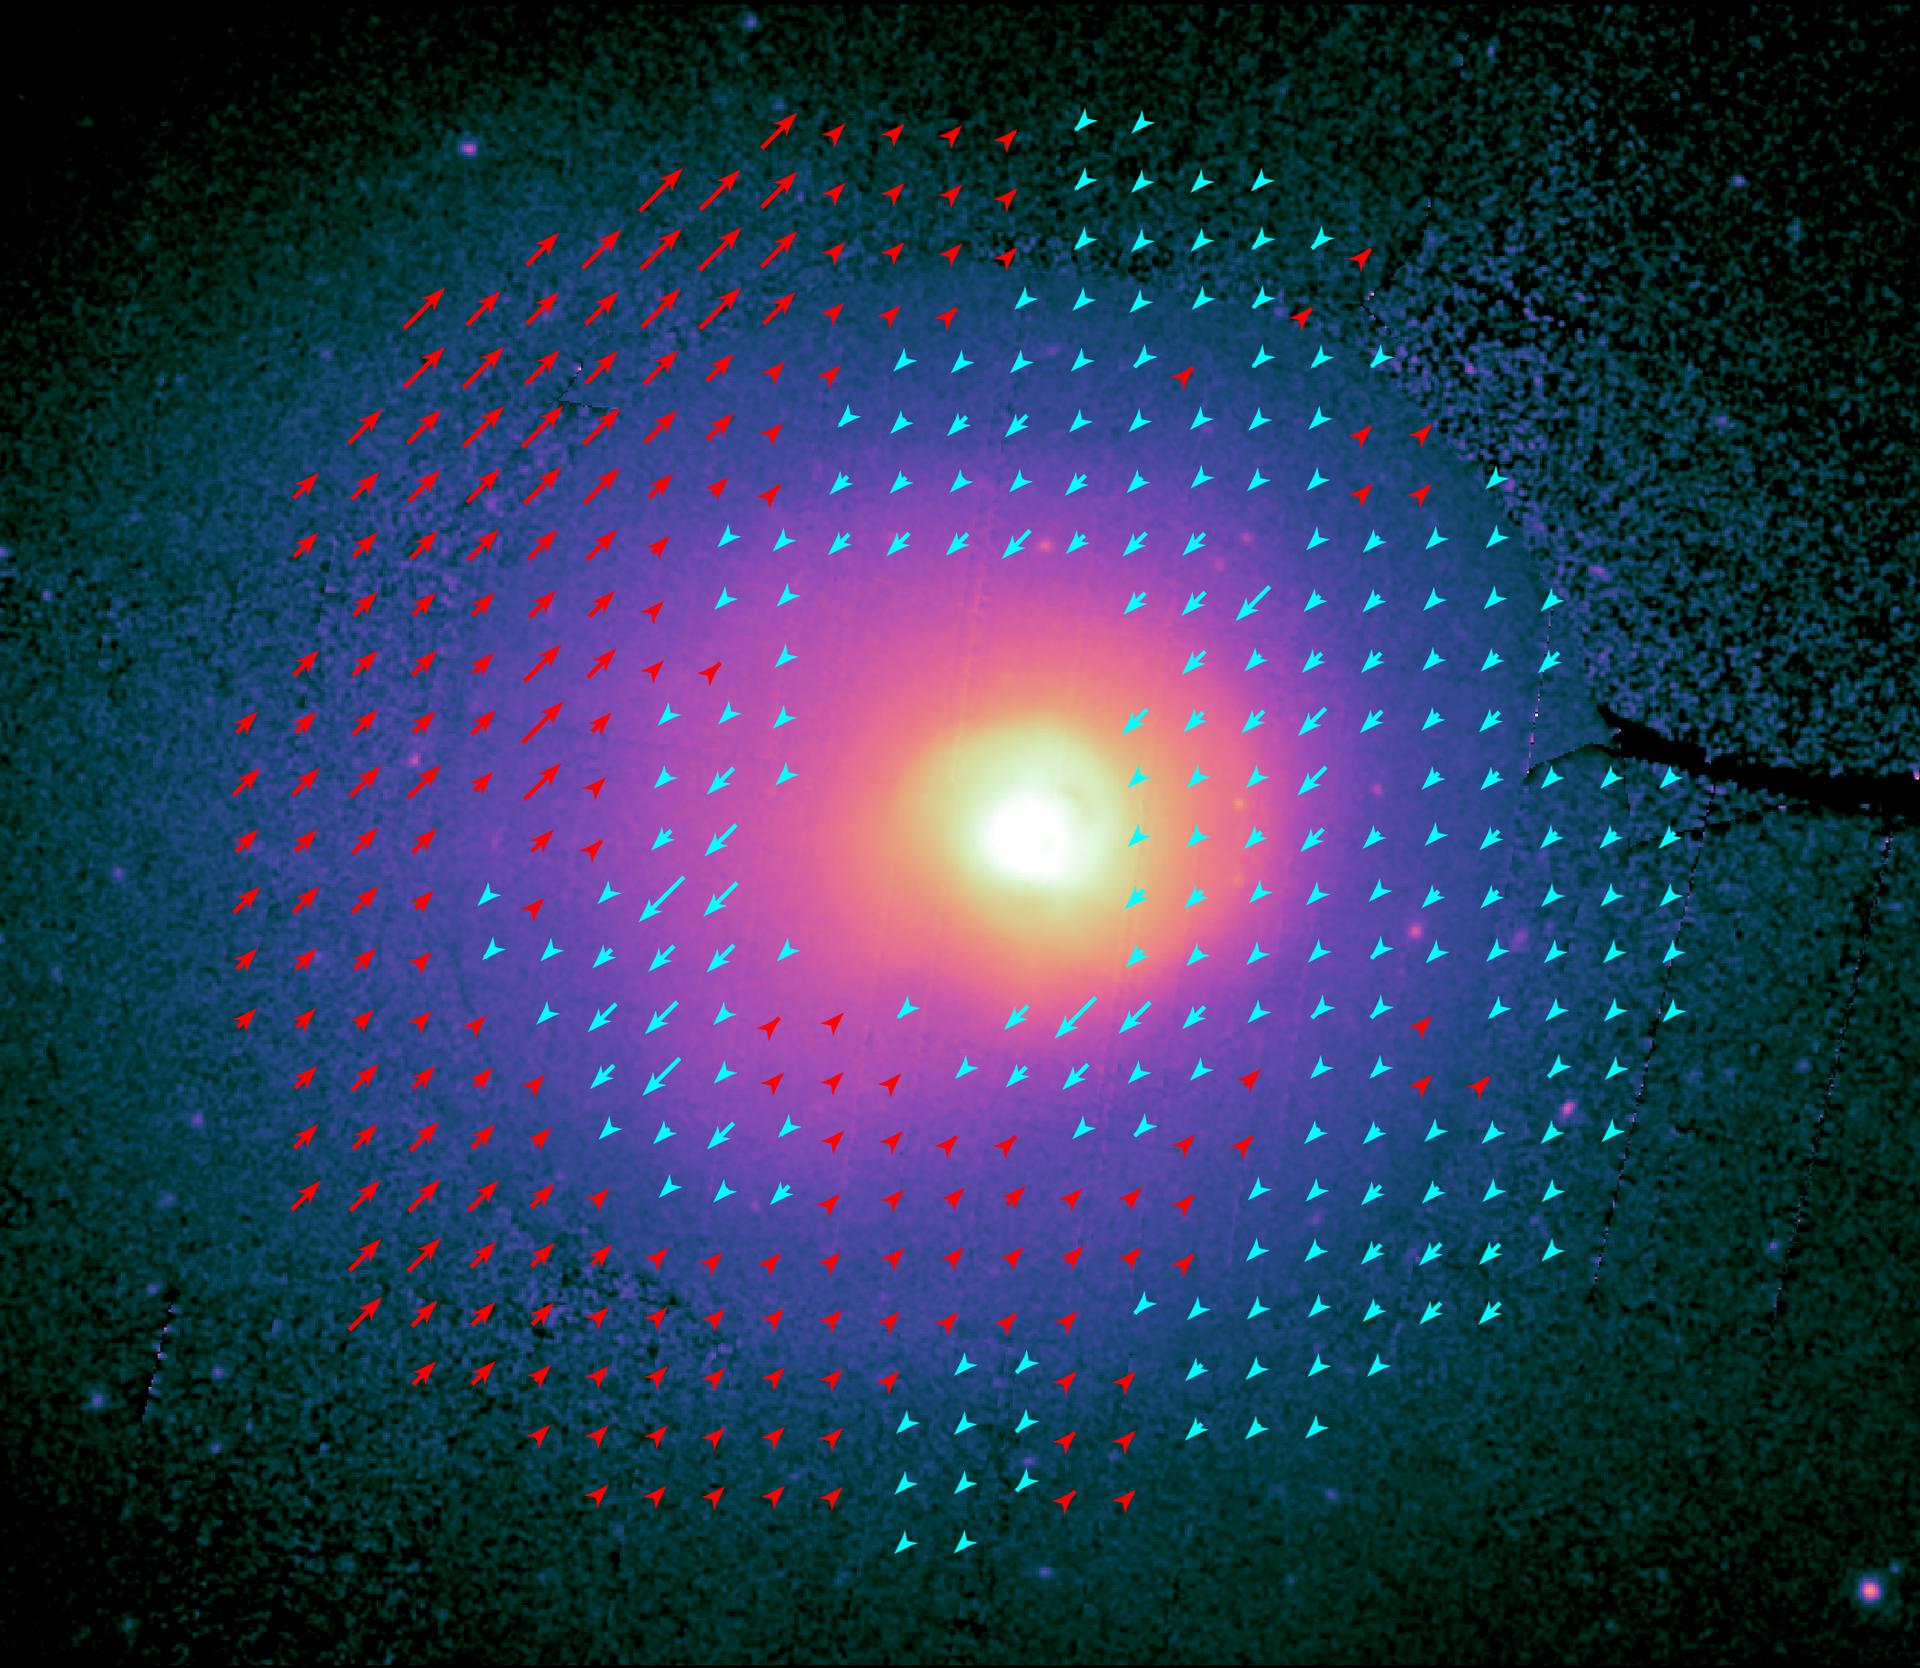 Varme intergalaktiske gassers bevægelse i Koma-galaksehoben